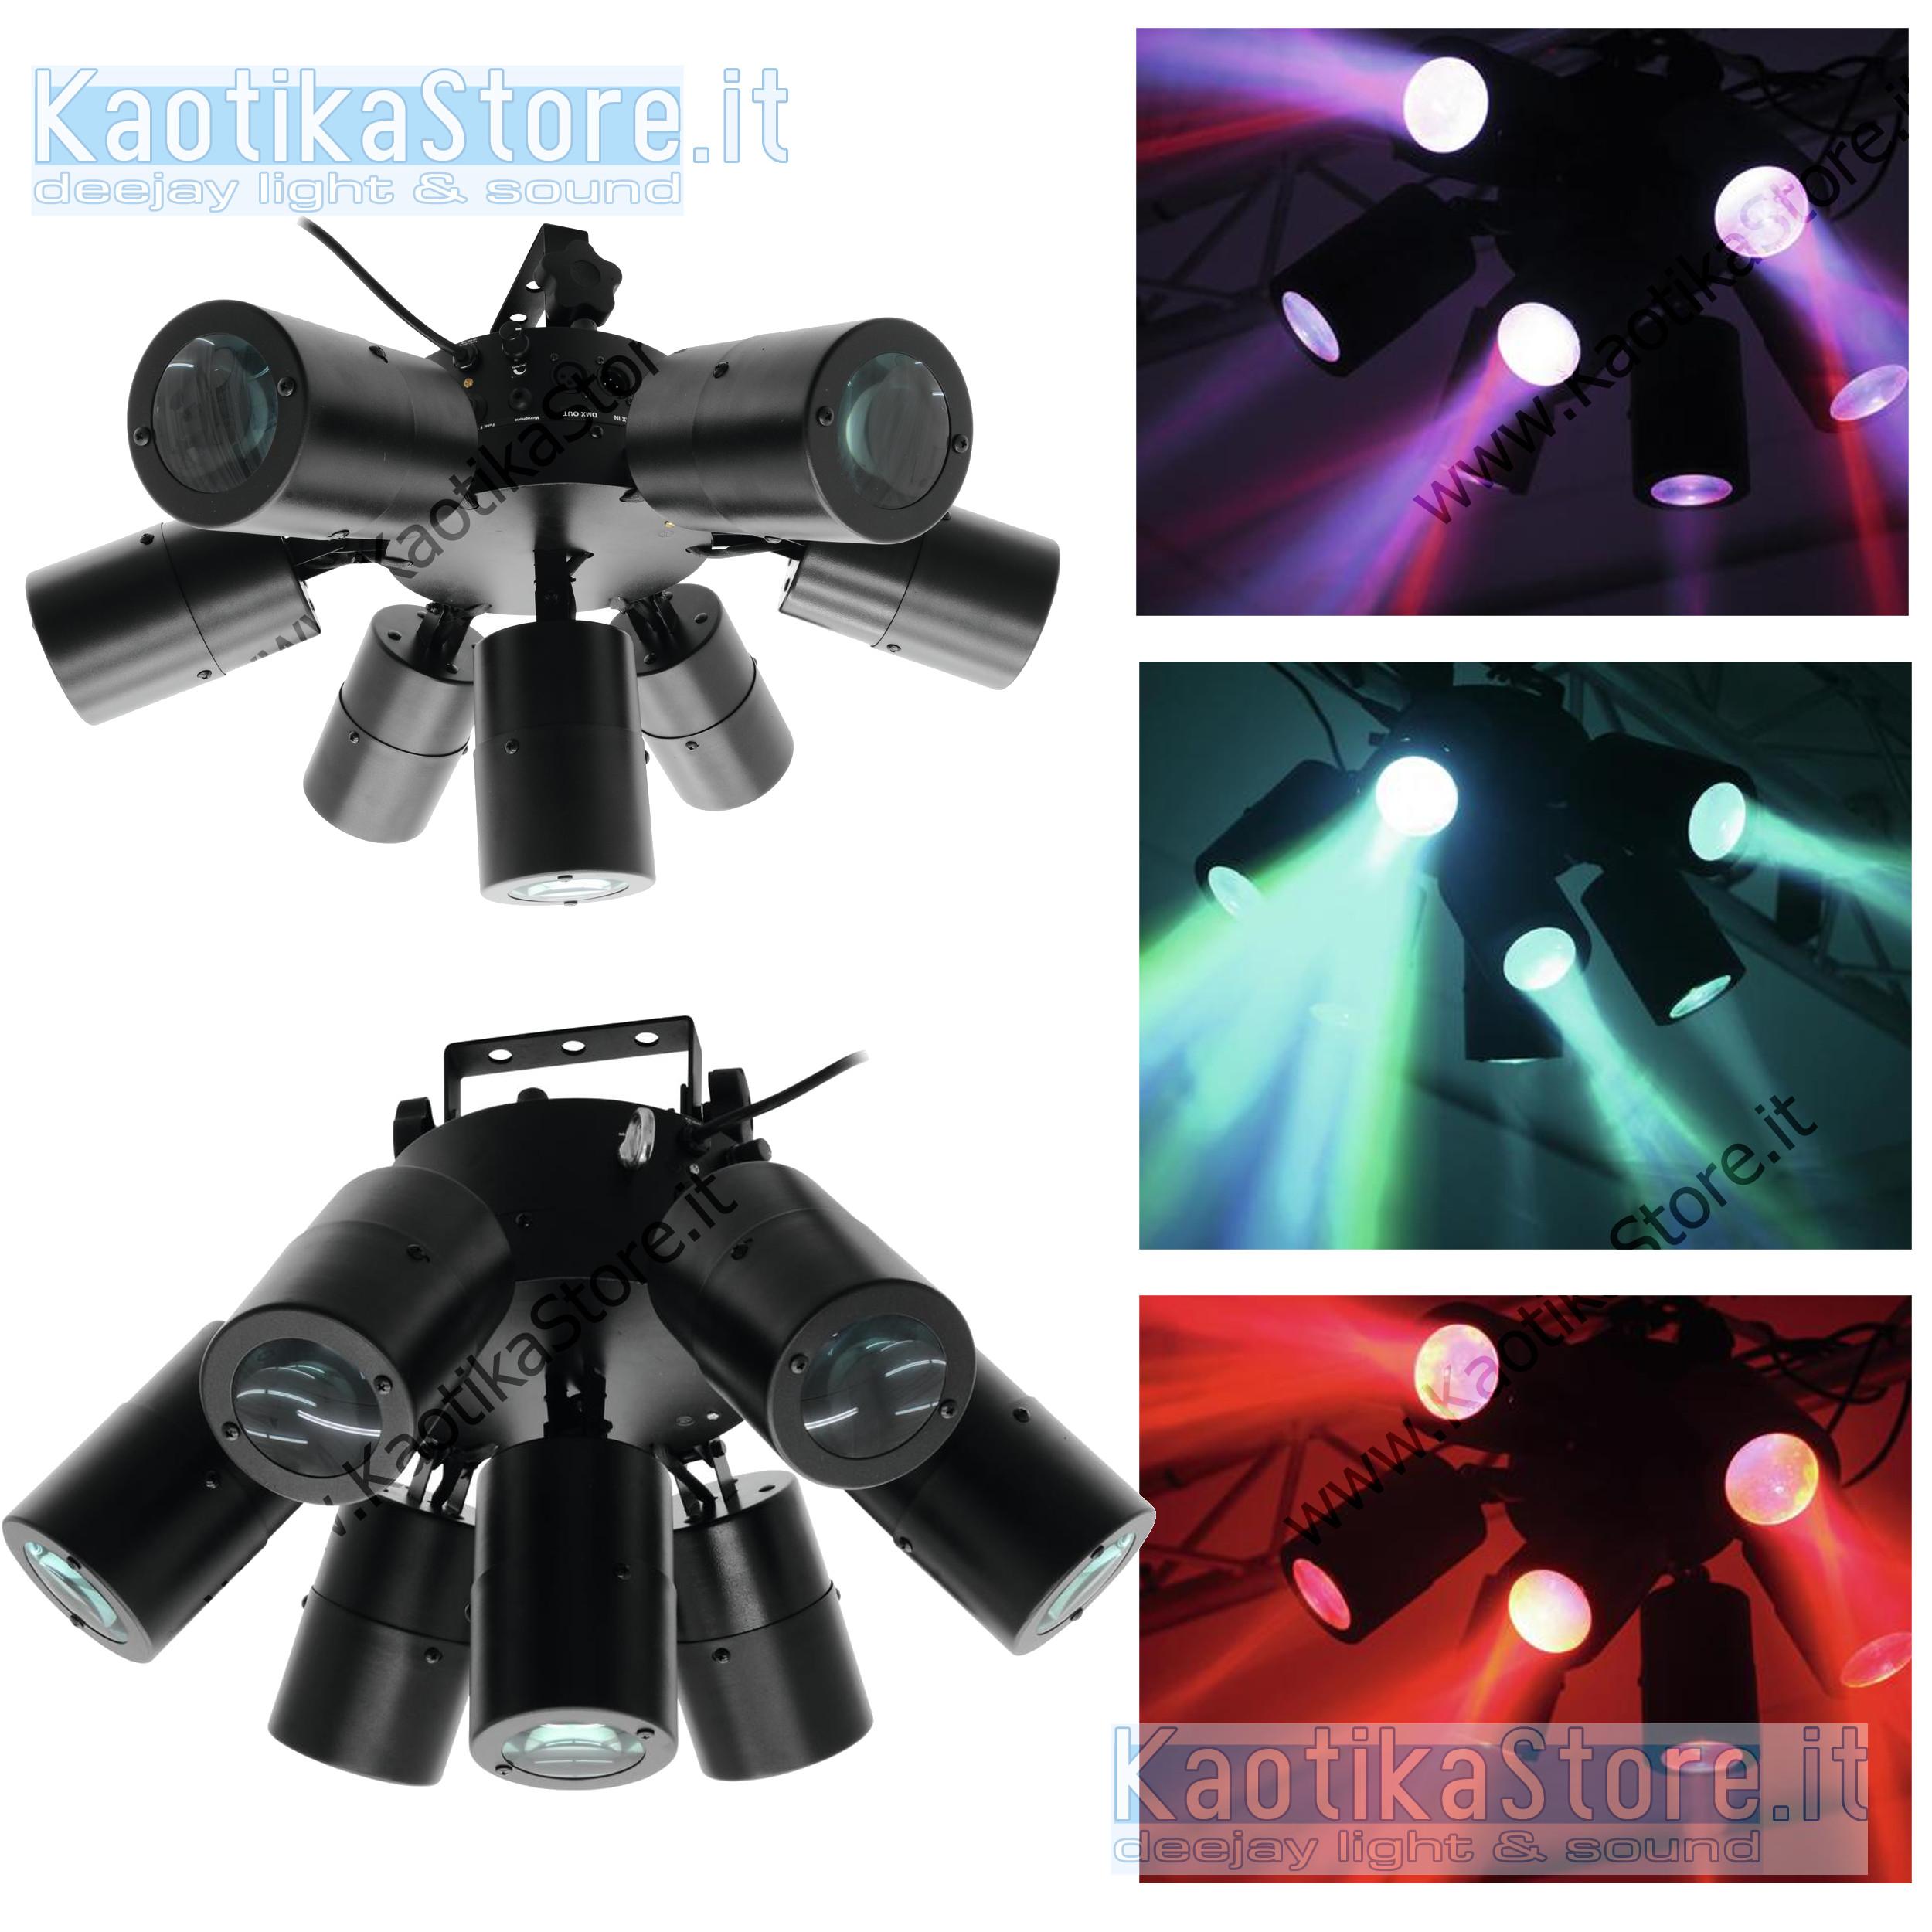 Eurolite led svf-1 flower effect 51918662 compact led flower effect